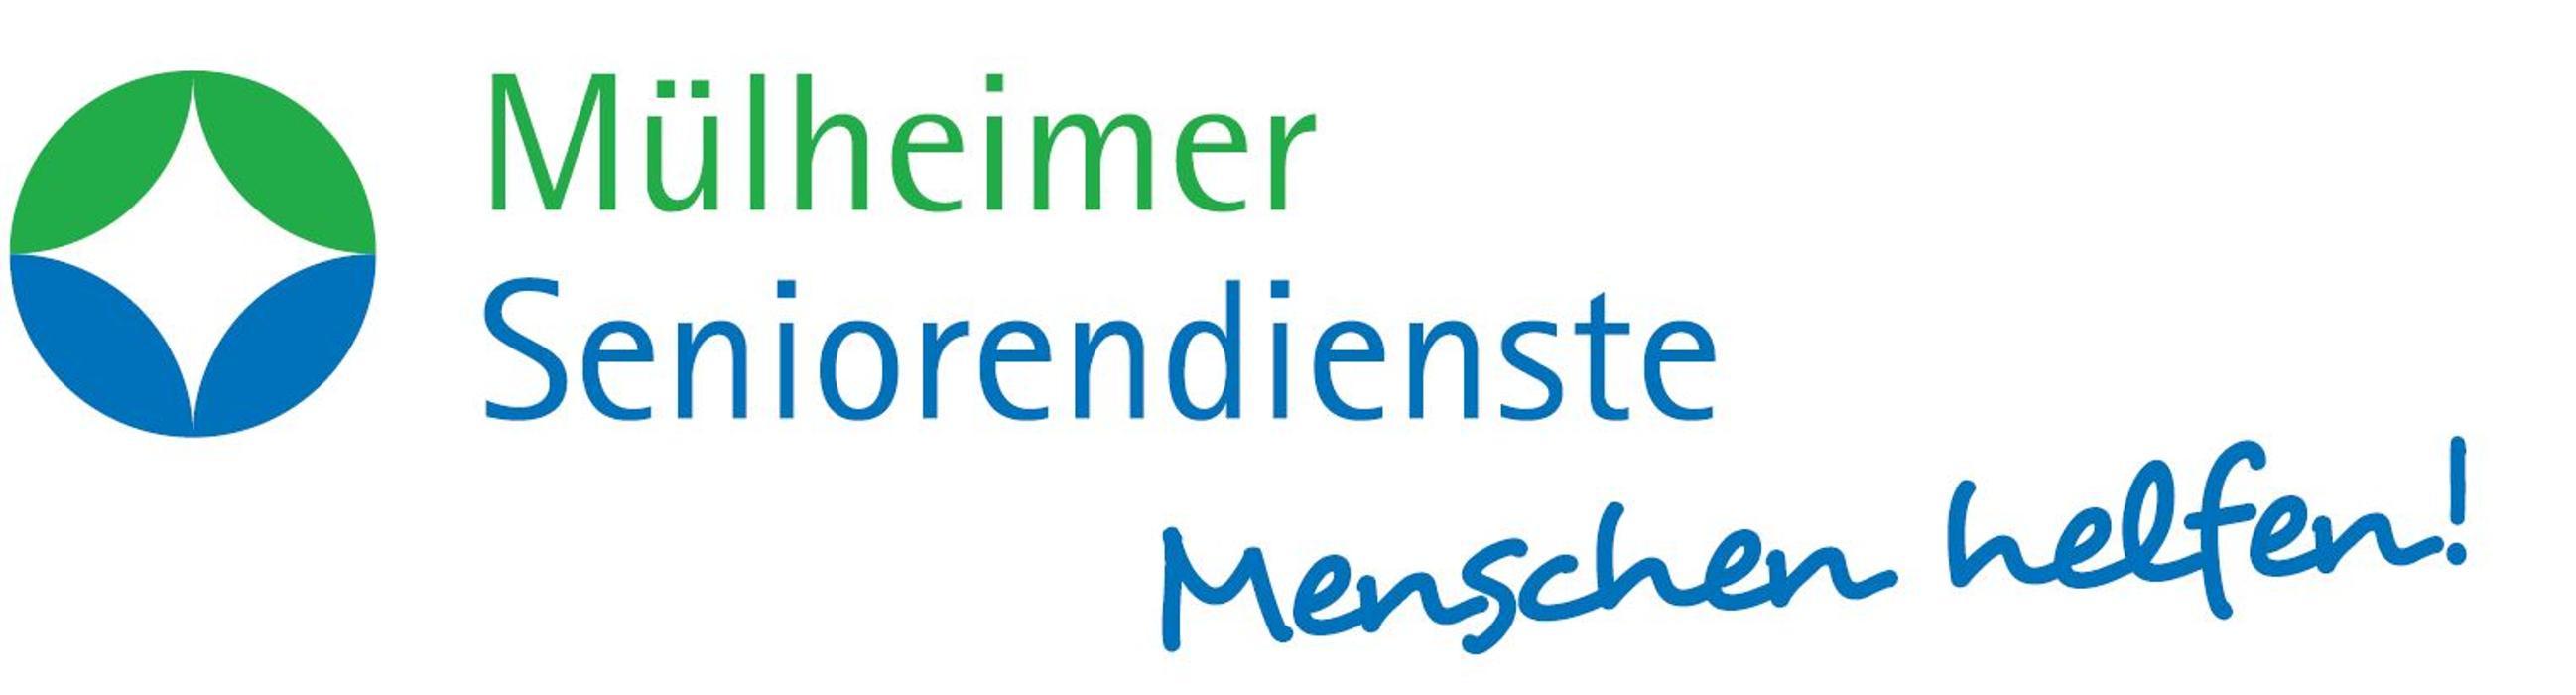 Bild zu Mülheimer Seniorendienste GmbH in Mülheim an der Ruhr